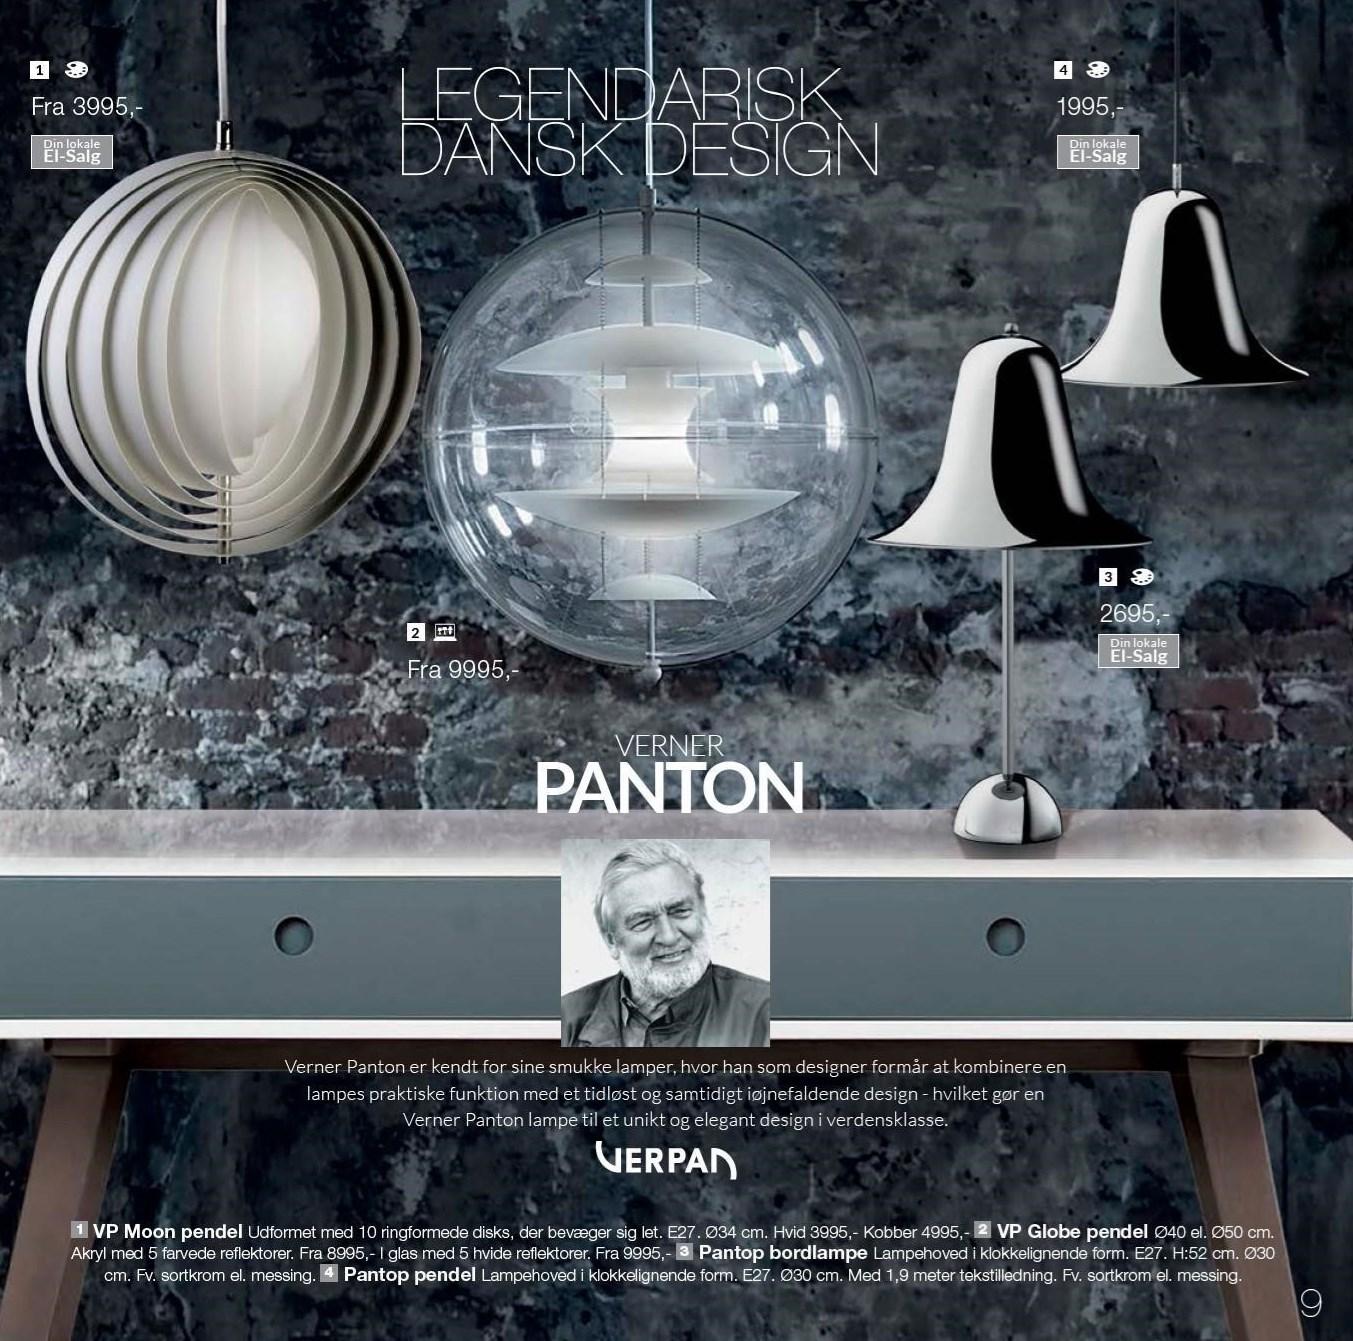 Pantop pendel eller bordlampe